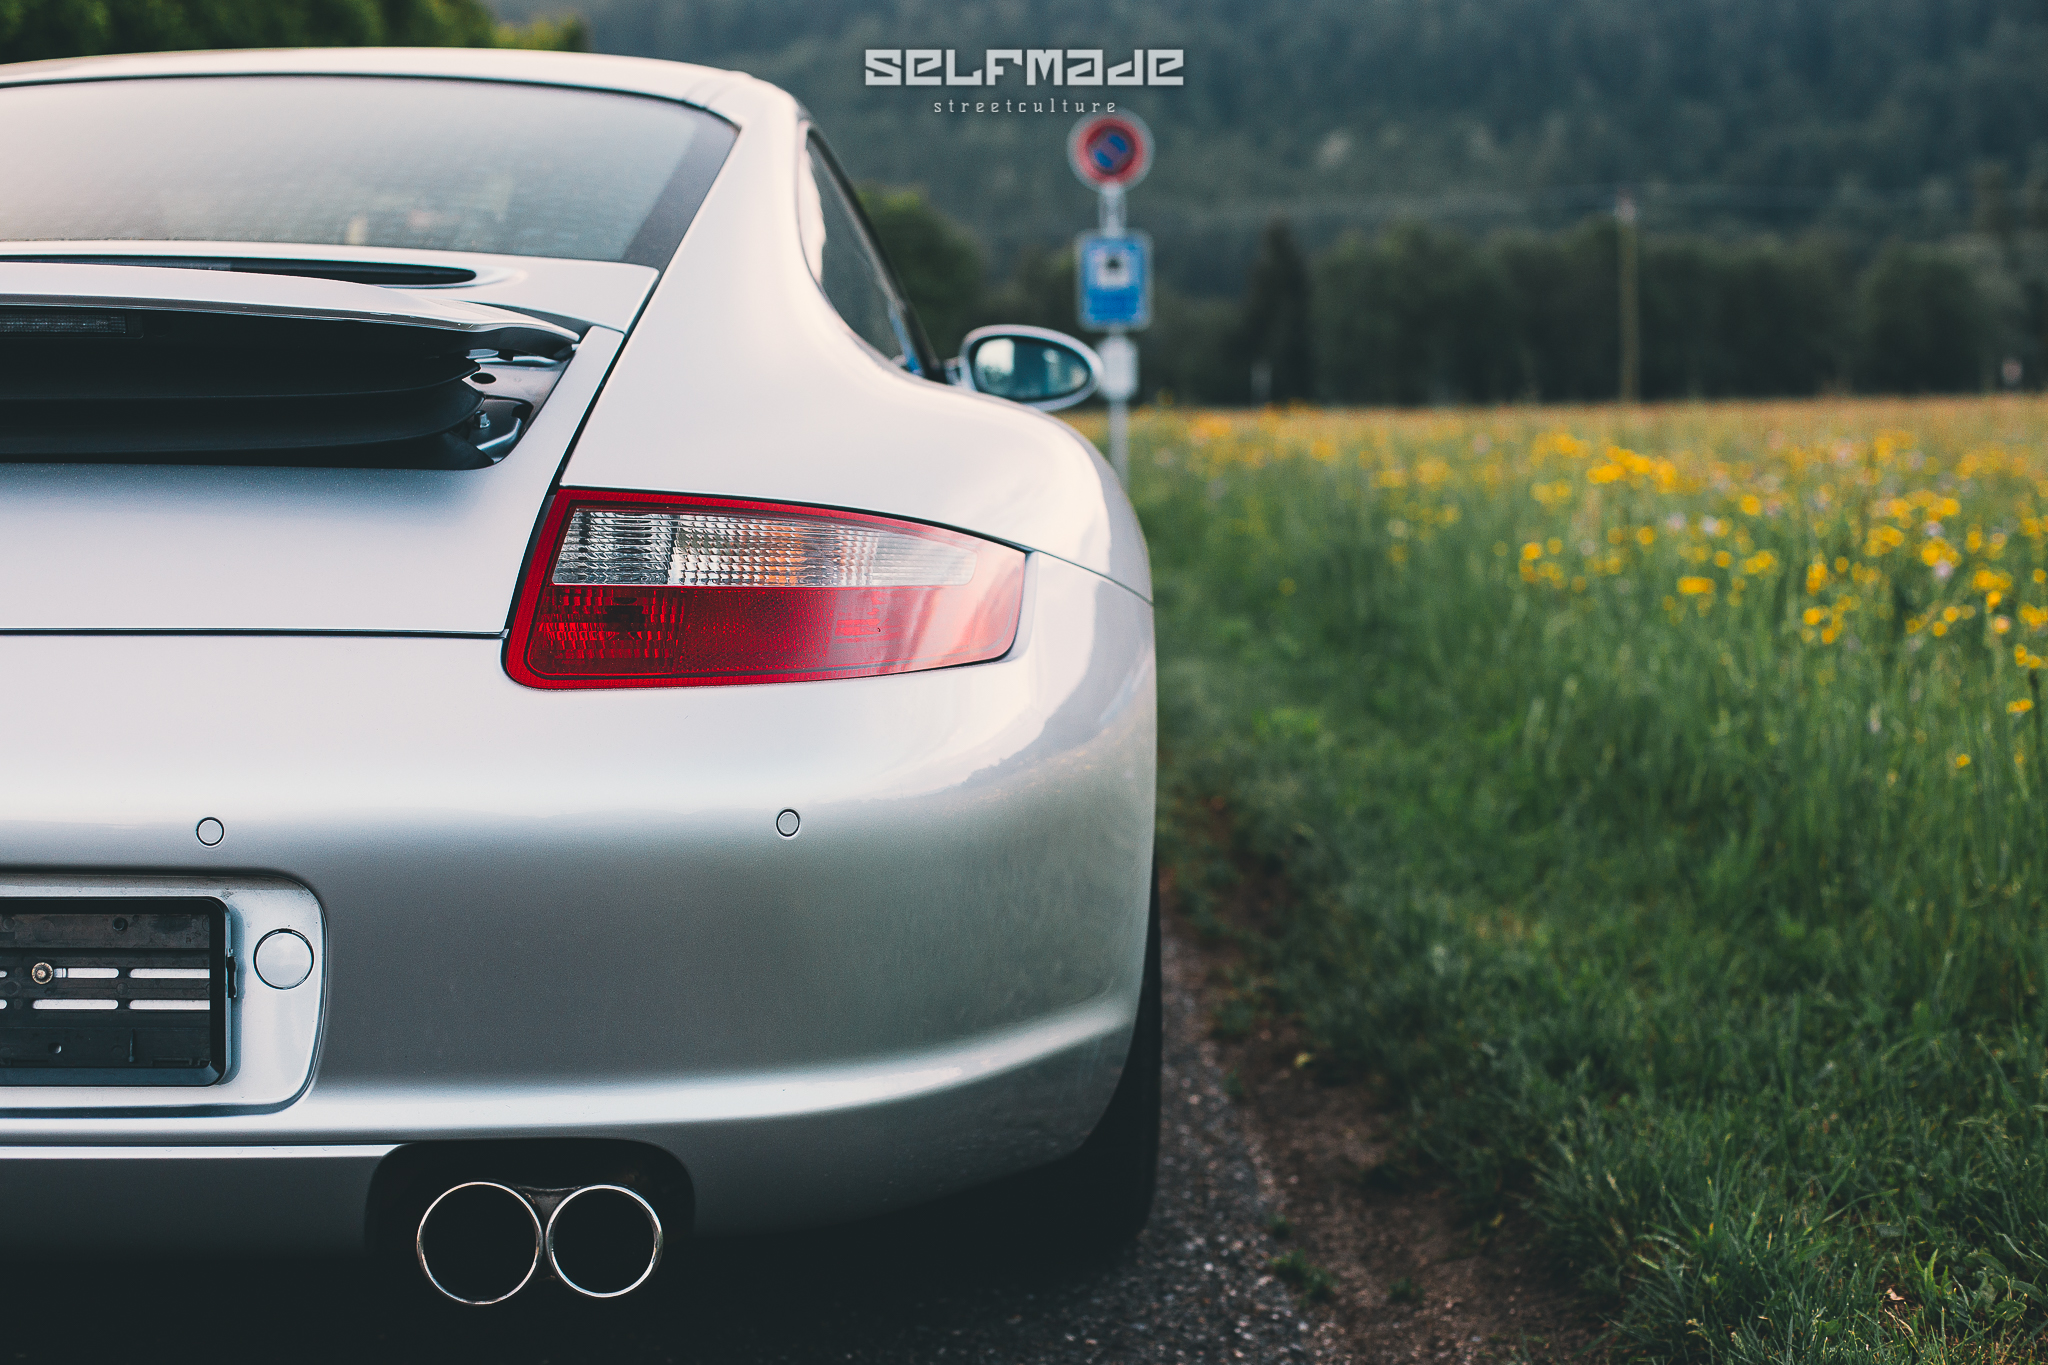 Porsche911_Selfmade (18).jpg